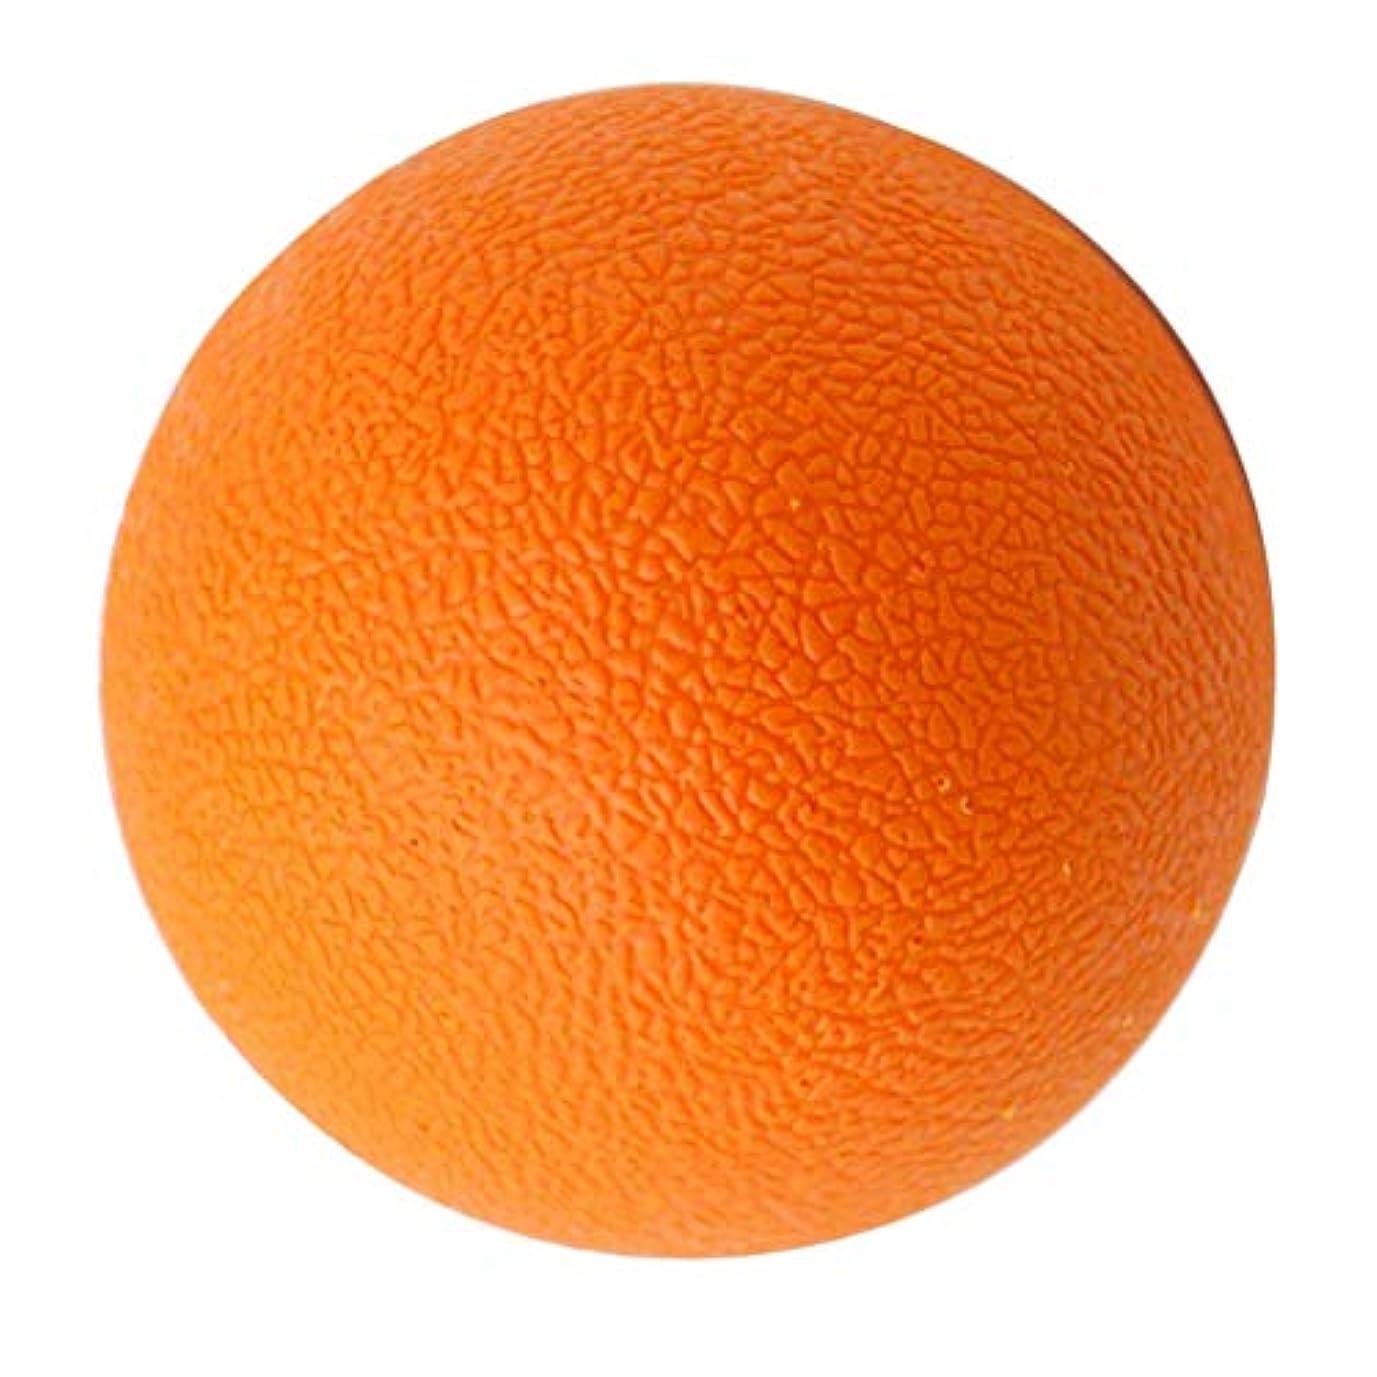 ケイ素献身バーベキューラクロスボール マッサージボール トリガーポイント 筋膜リリース 腕、首、背中 解消 オレンジ